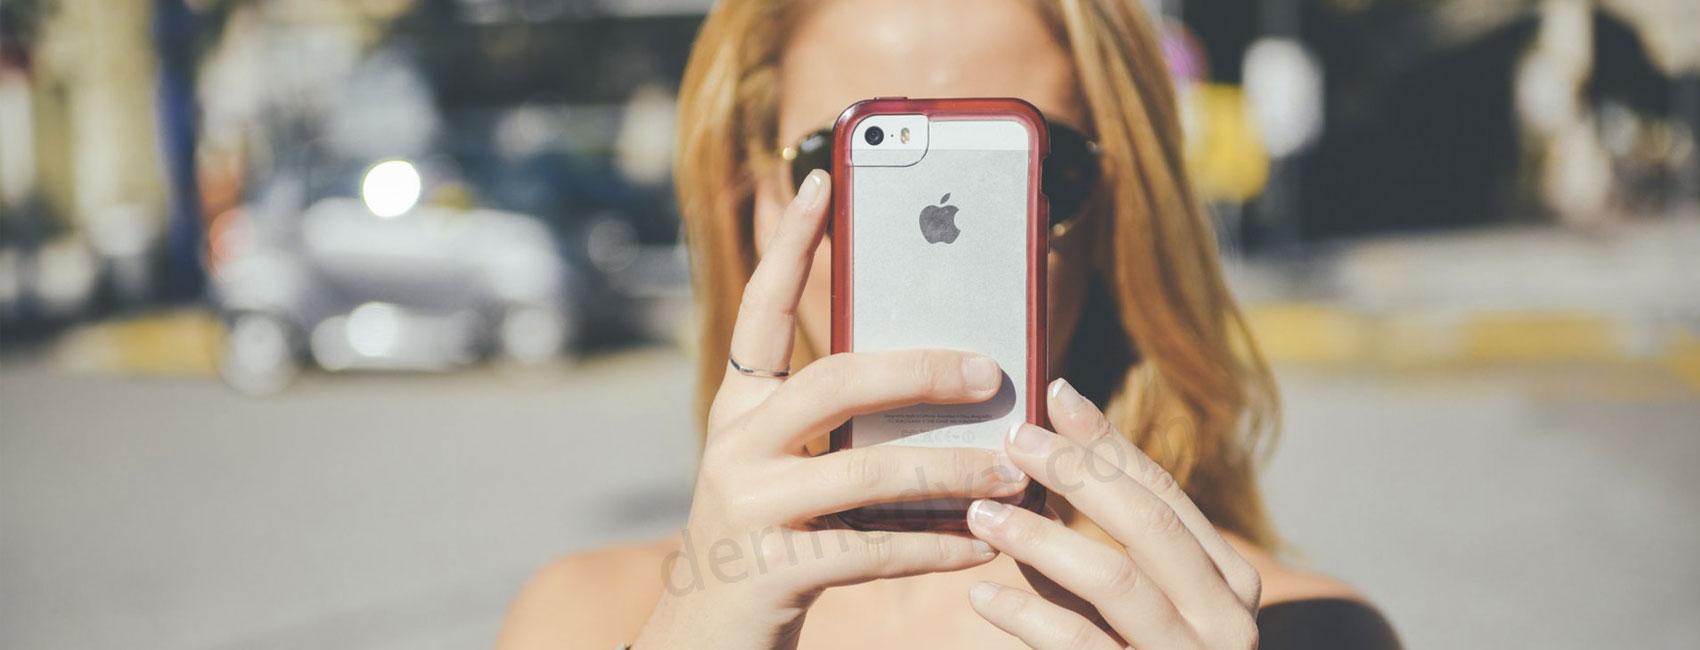 Instagram Hikayeleri (Stories) ve Etkili Kullanma İpuçları